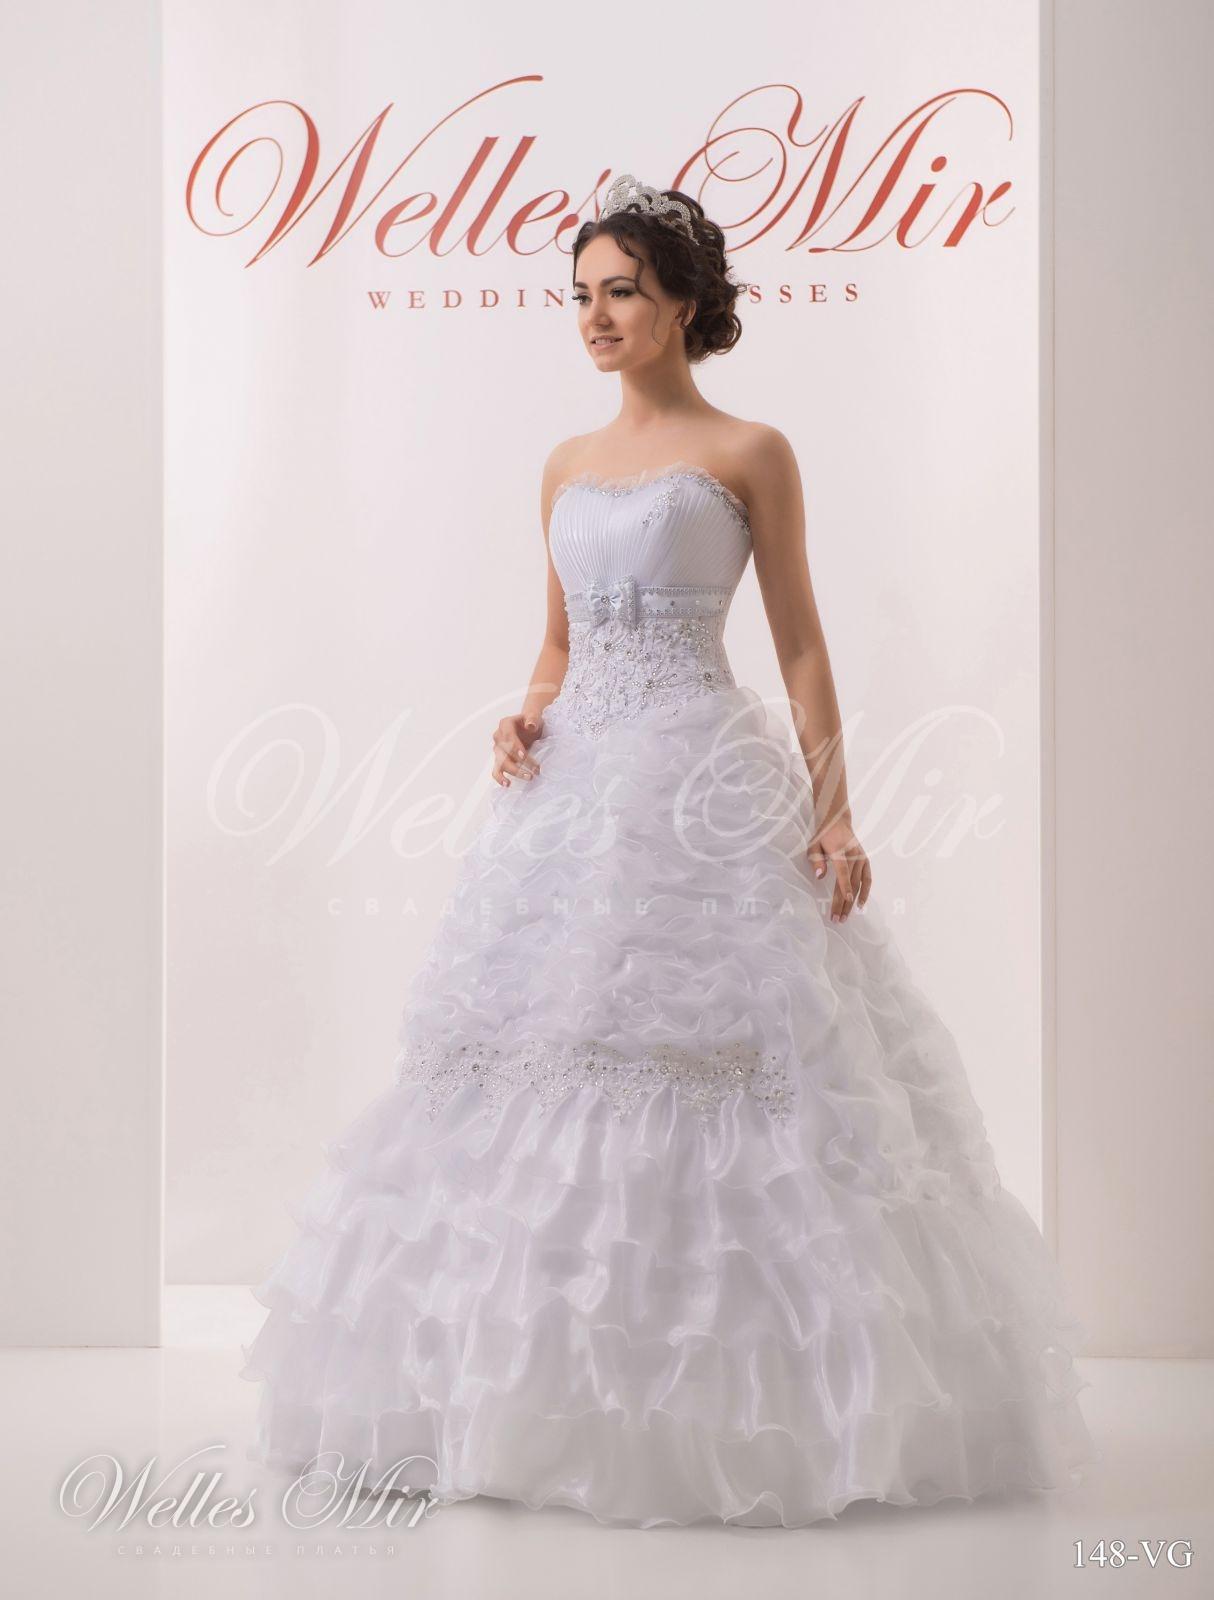 Свадебные платья Soft collection - 148-VG